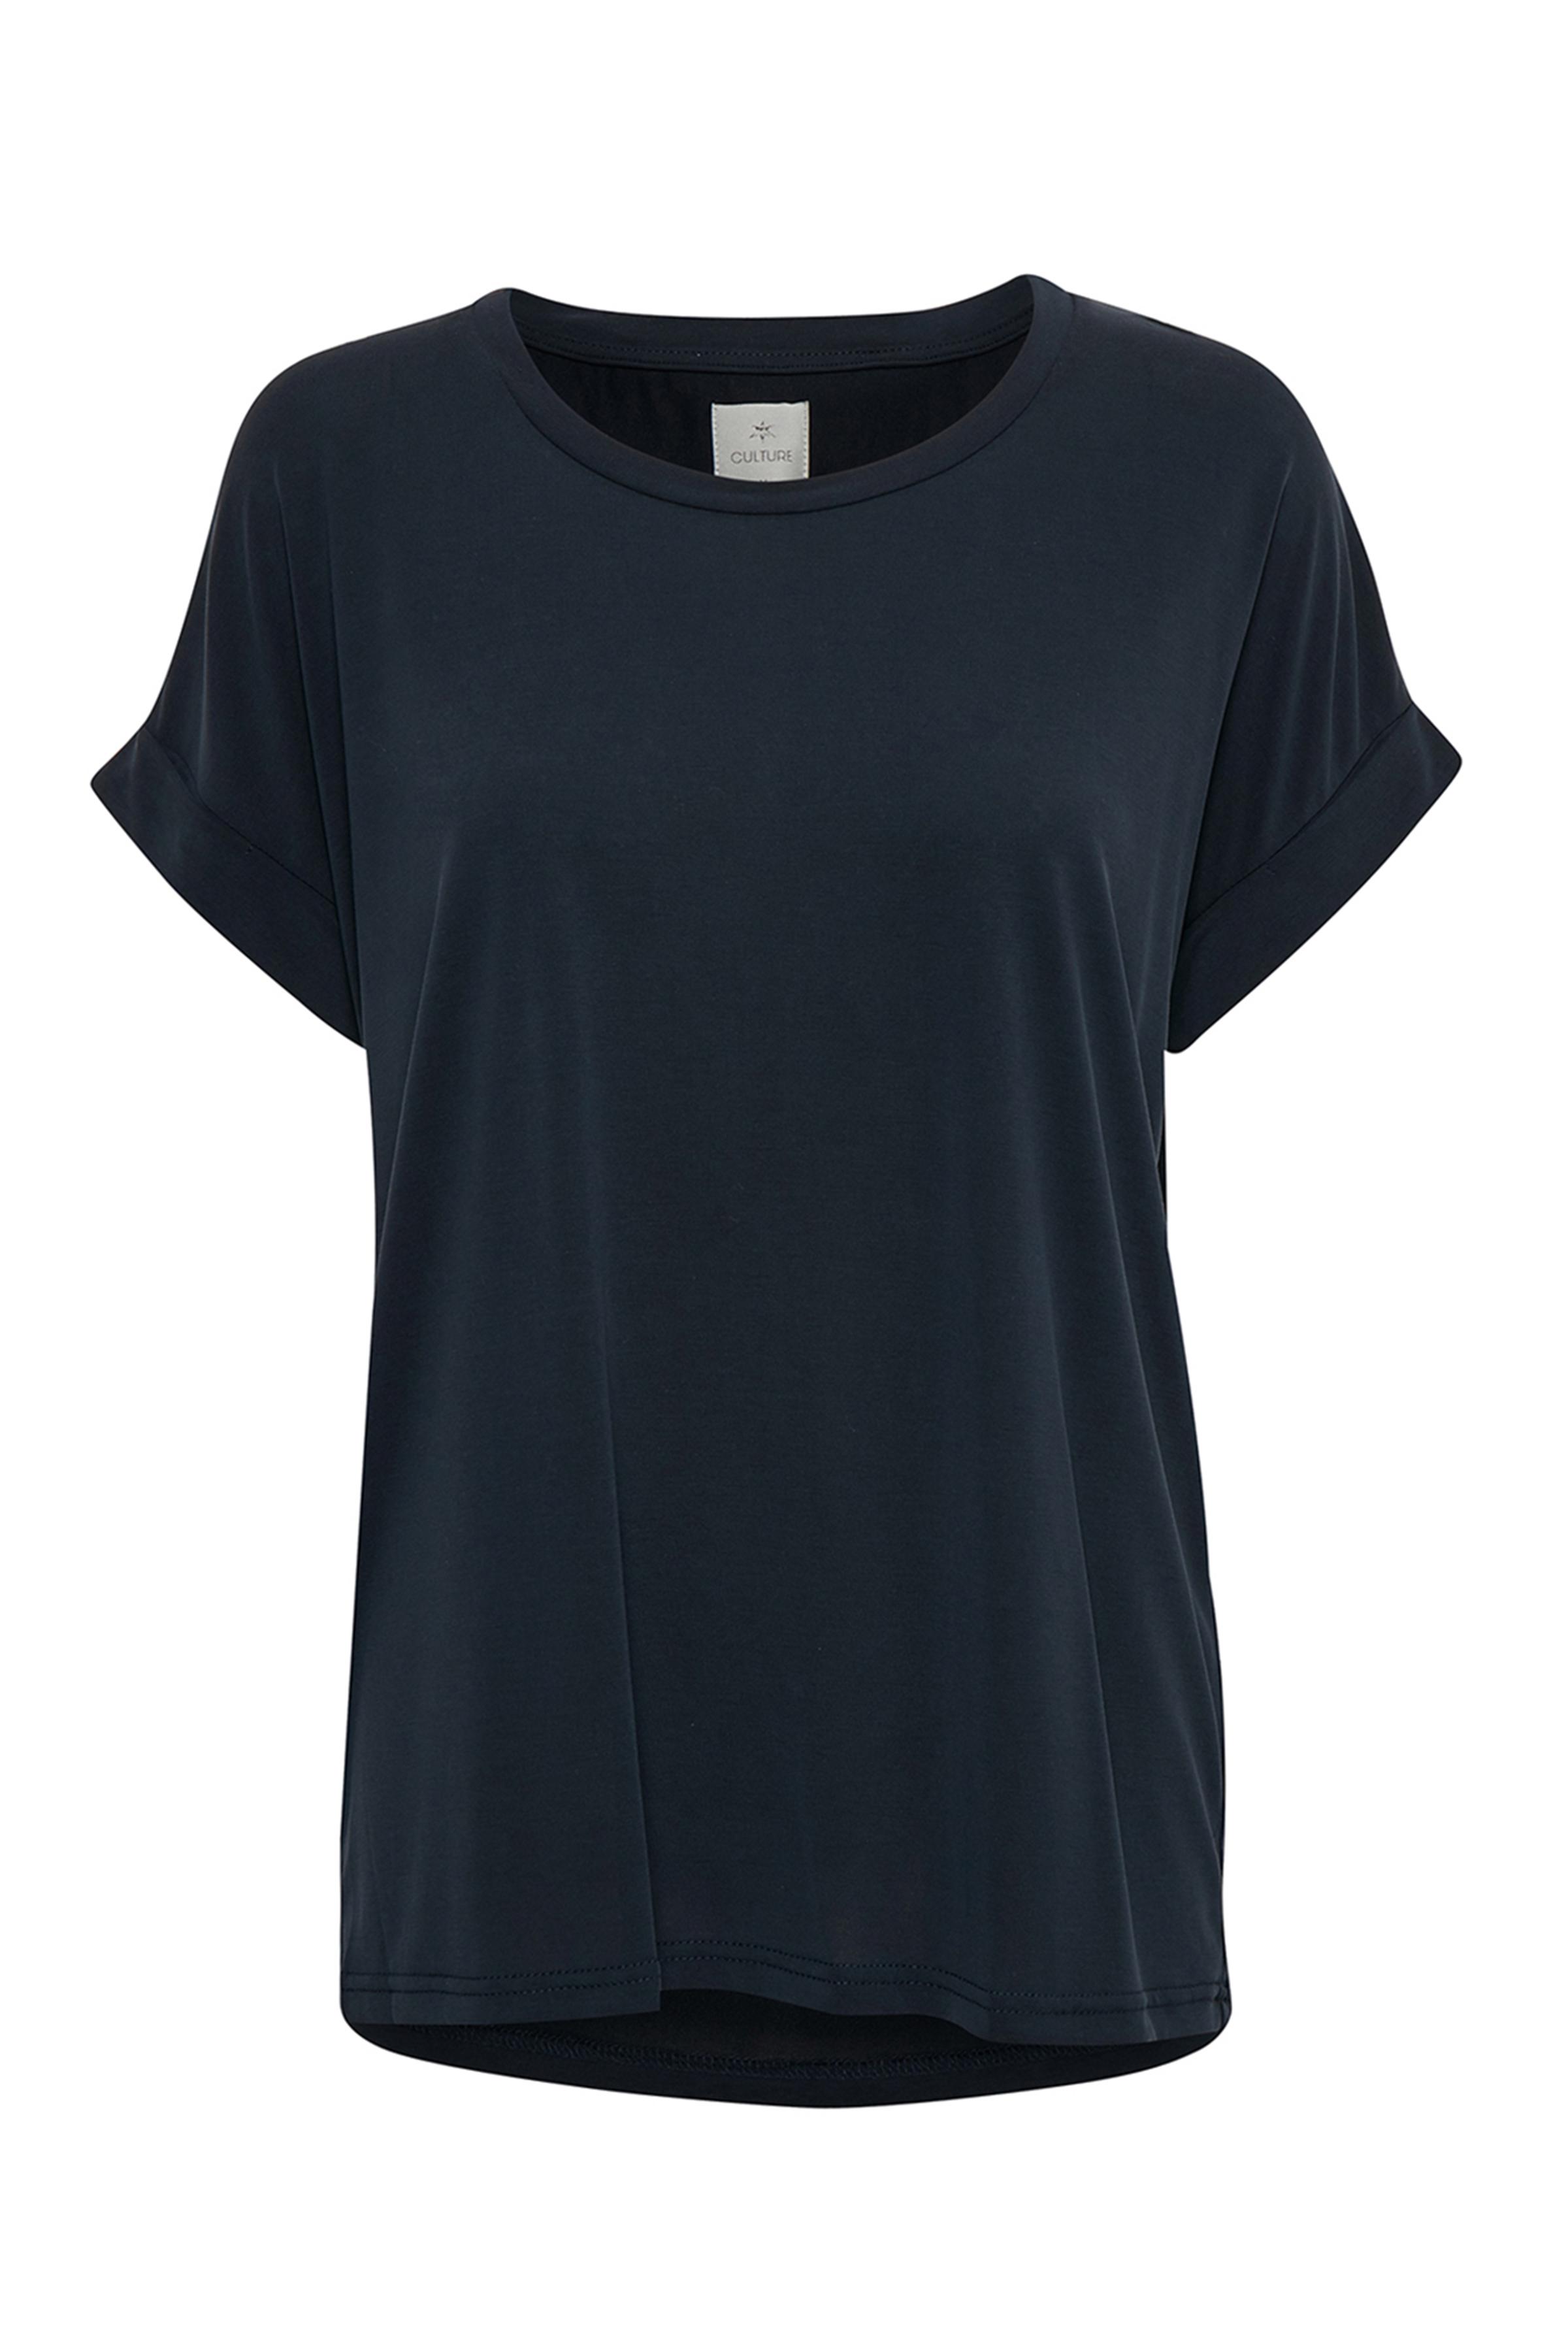 Image of Culture Dame Kortærmet T-shirt - Marineblå